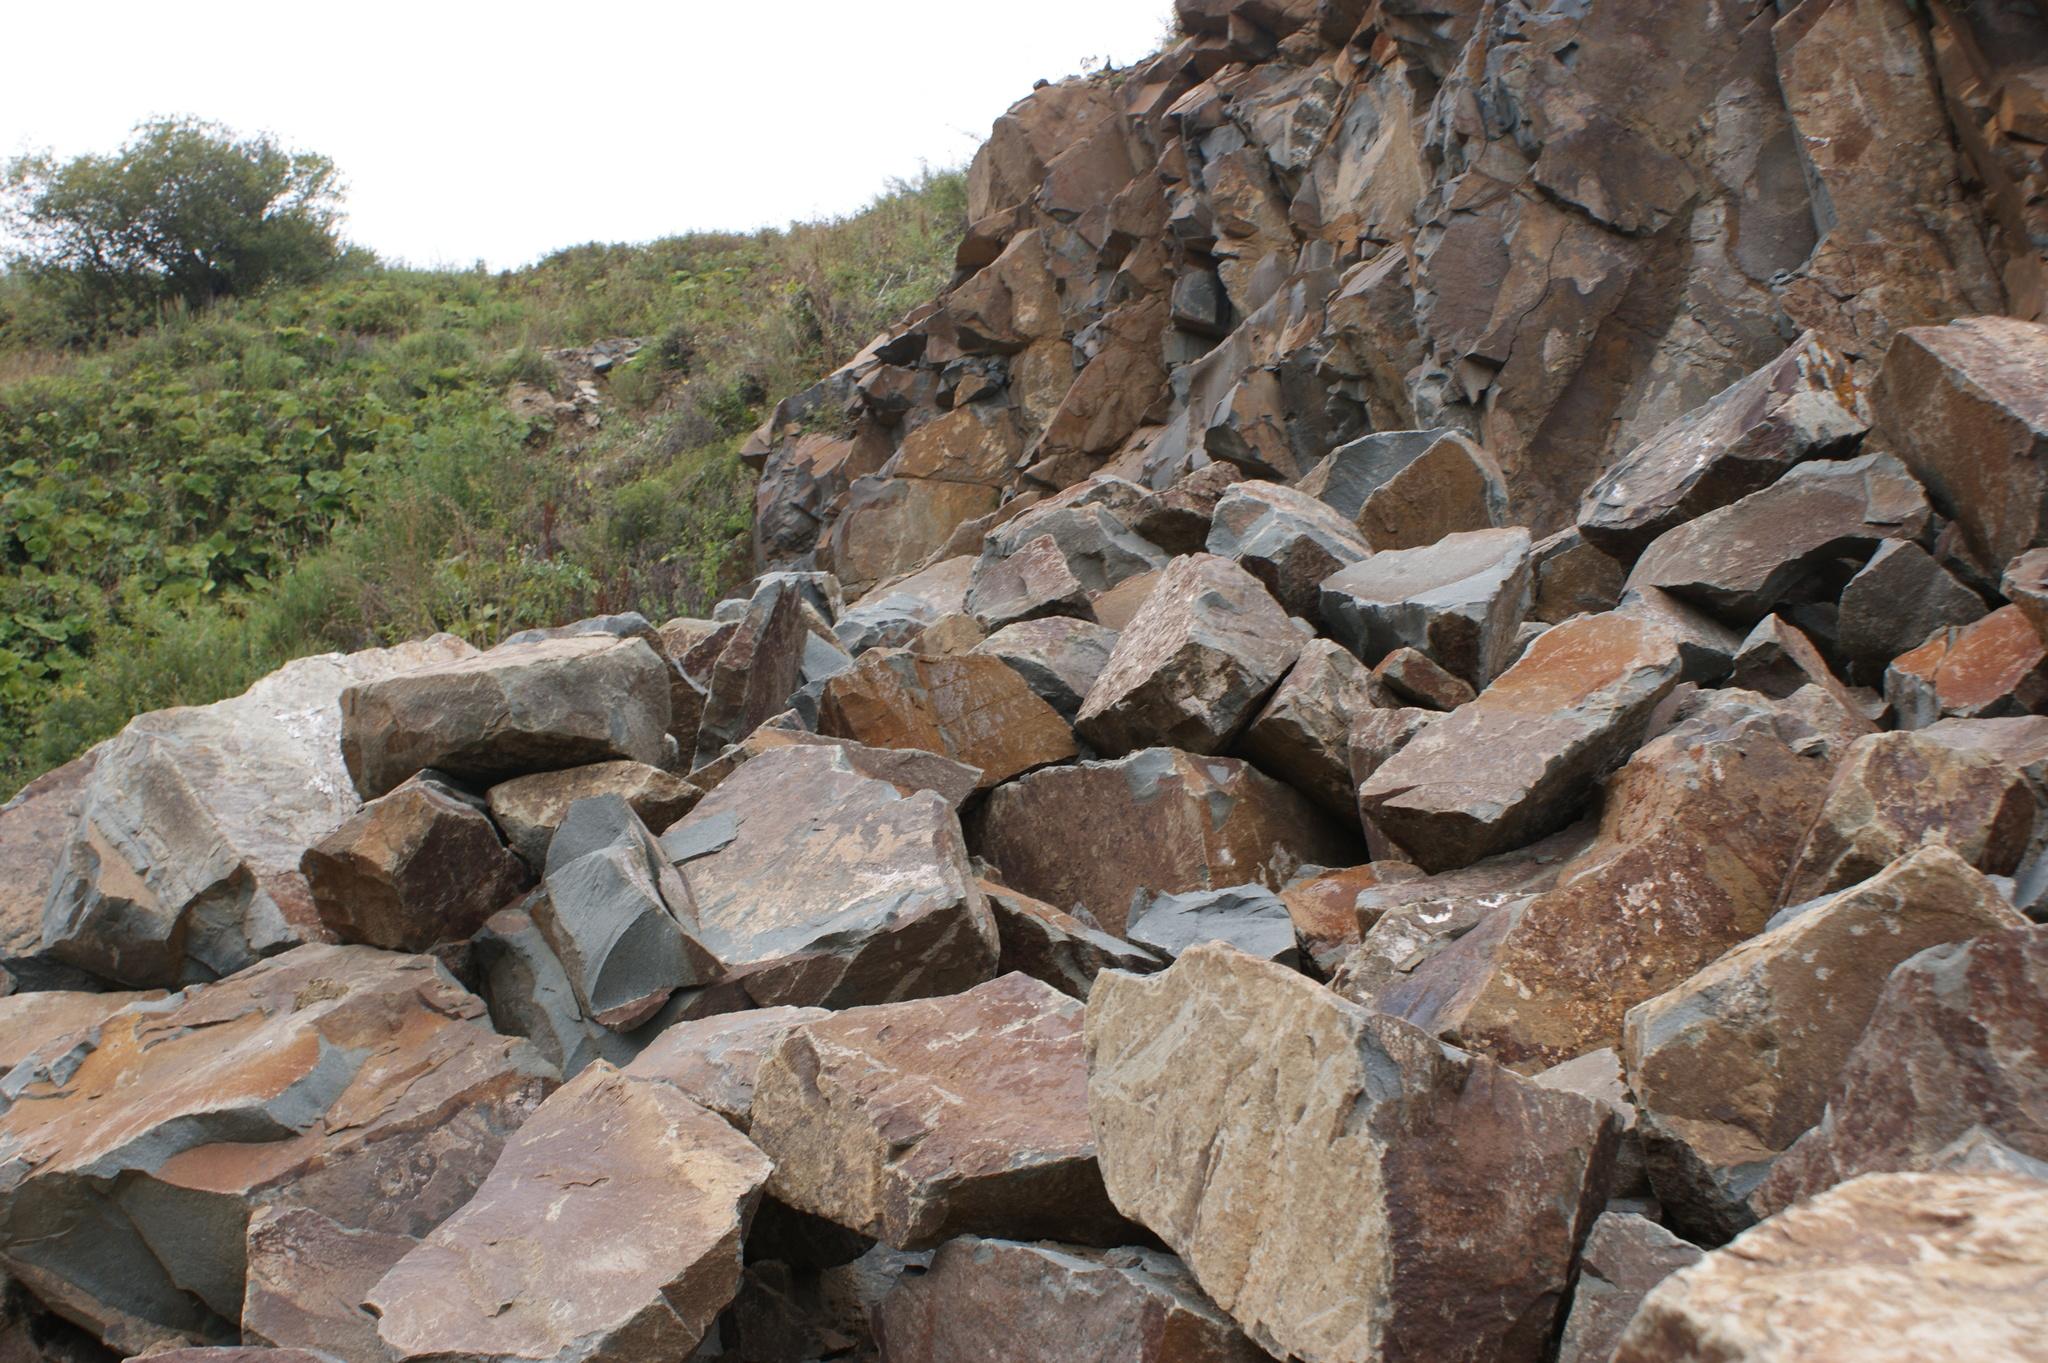 глыба андезит, добыча напрямую с горной местности